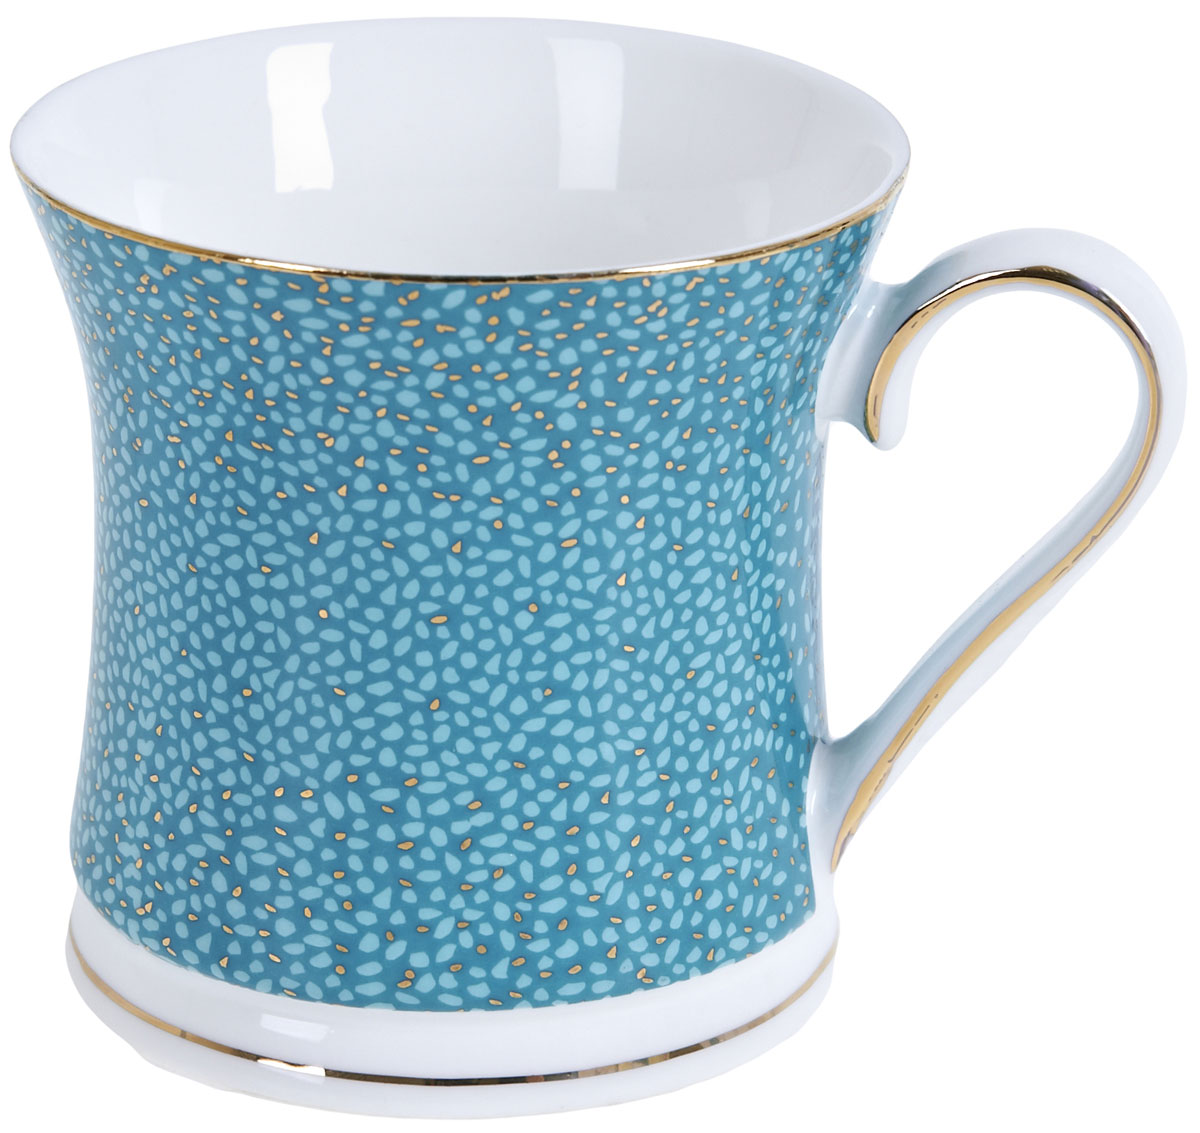 Кружка BHP Морская волна, 375 мл. 1210117115510Оригинальная кружка Best Home Porcelain, выполненная из высококачественного фарфора, сочетает в себе простой, утонченный дизайн с максимальной функциональностью. Можно использовать в посудомоечной машине.